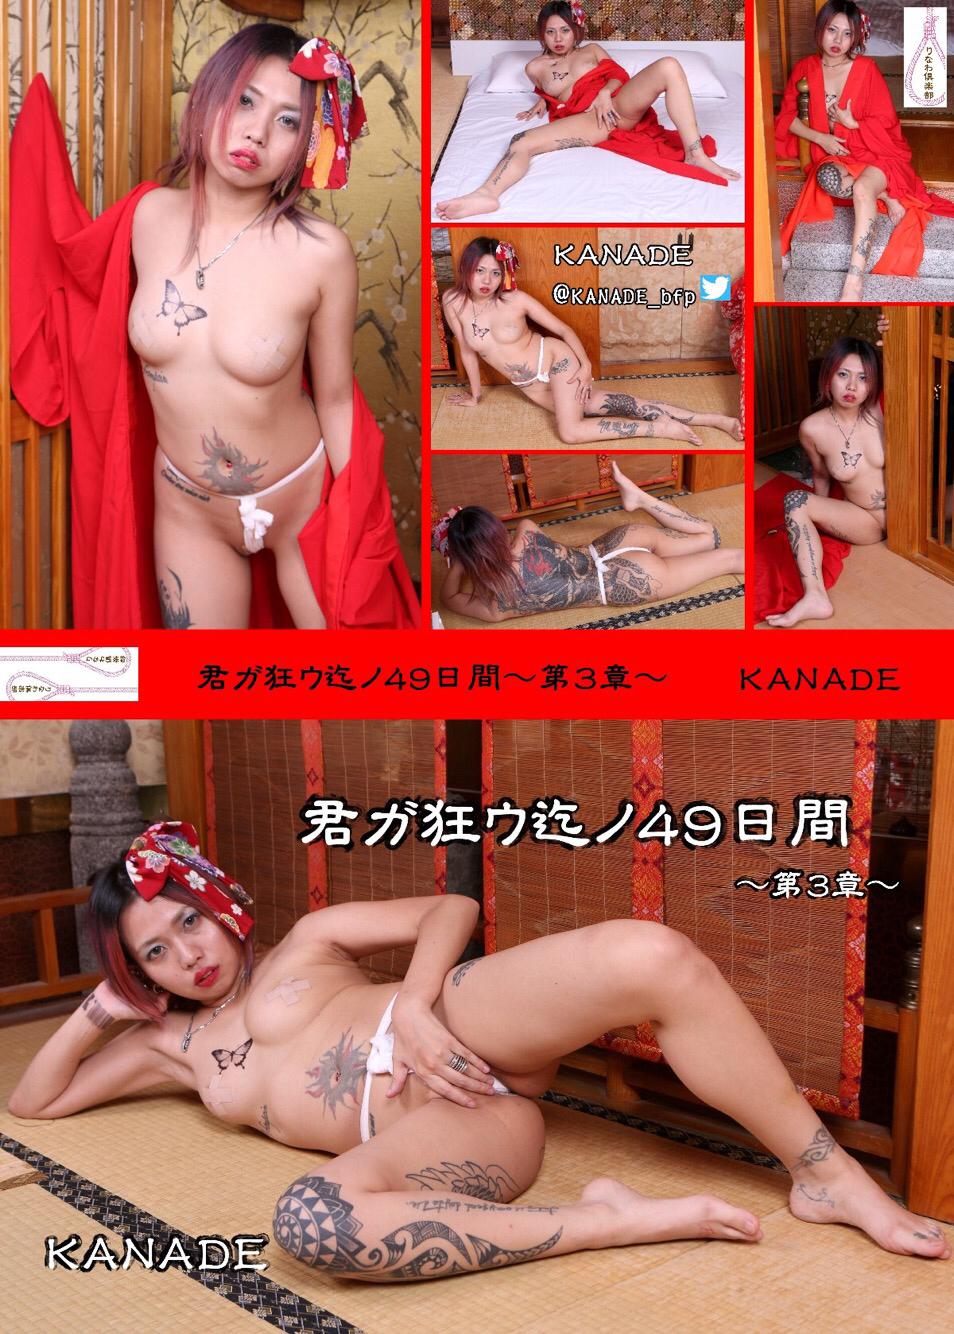 moblog_d3952a5c.jpg